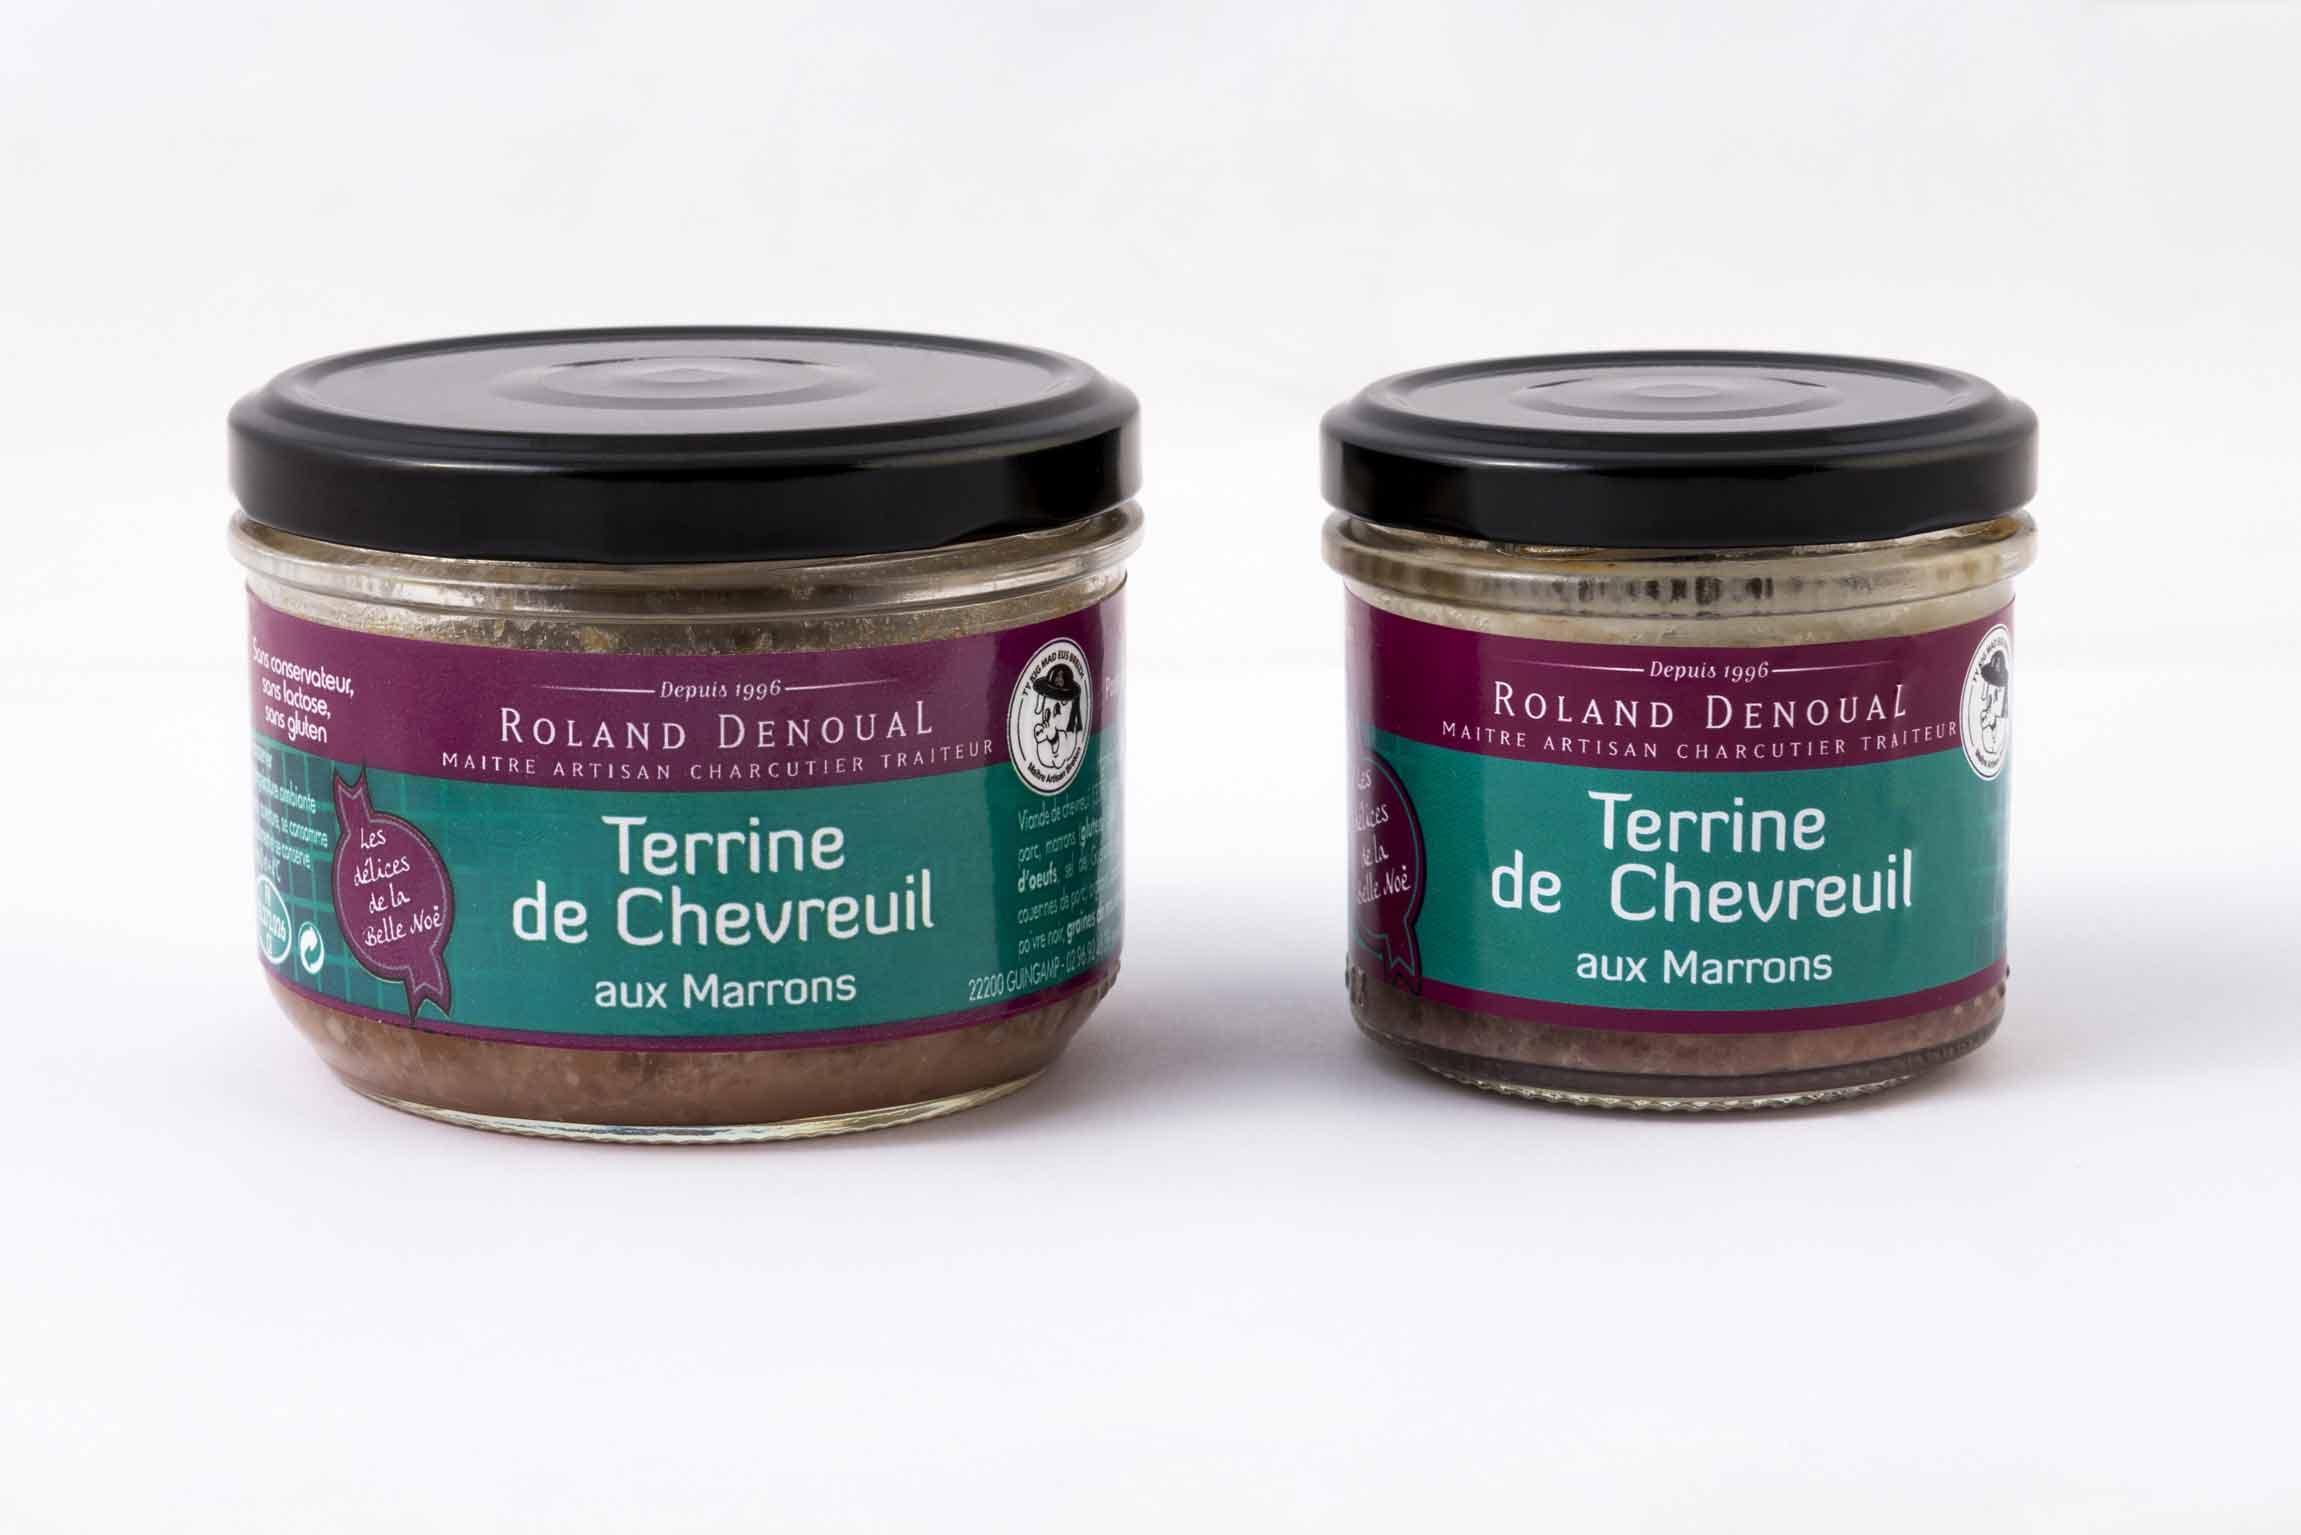 Terrine de Chevreuil aux marrons du Maître artisan charcutier traiteur Roland Denoual